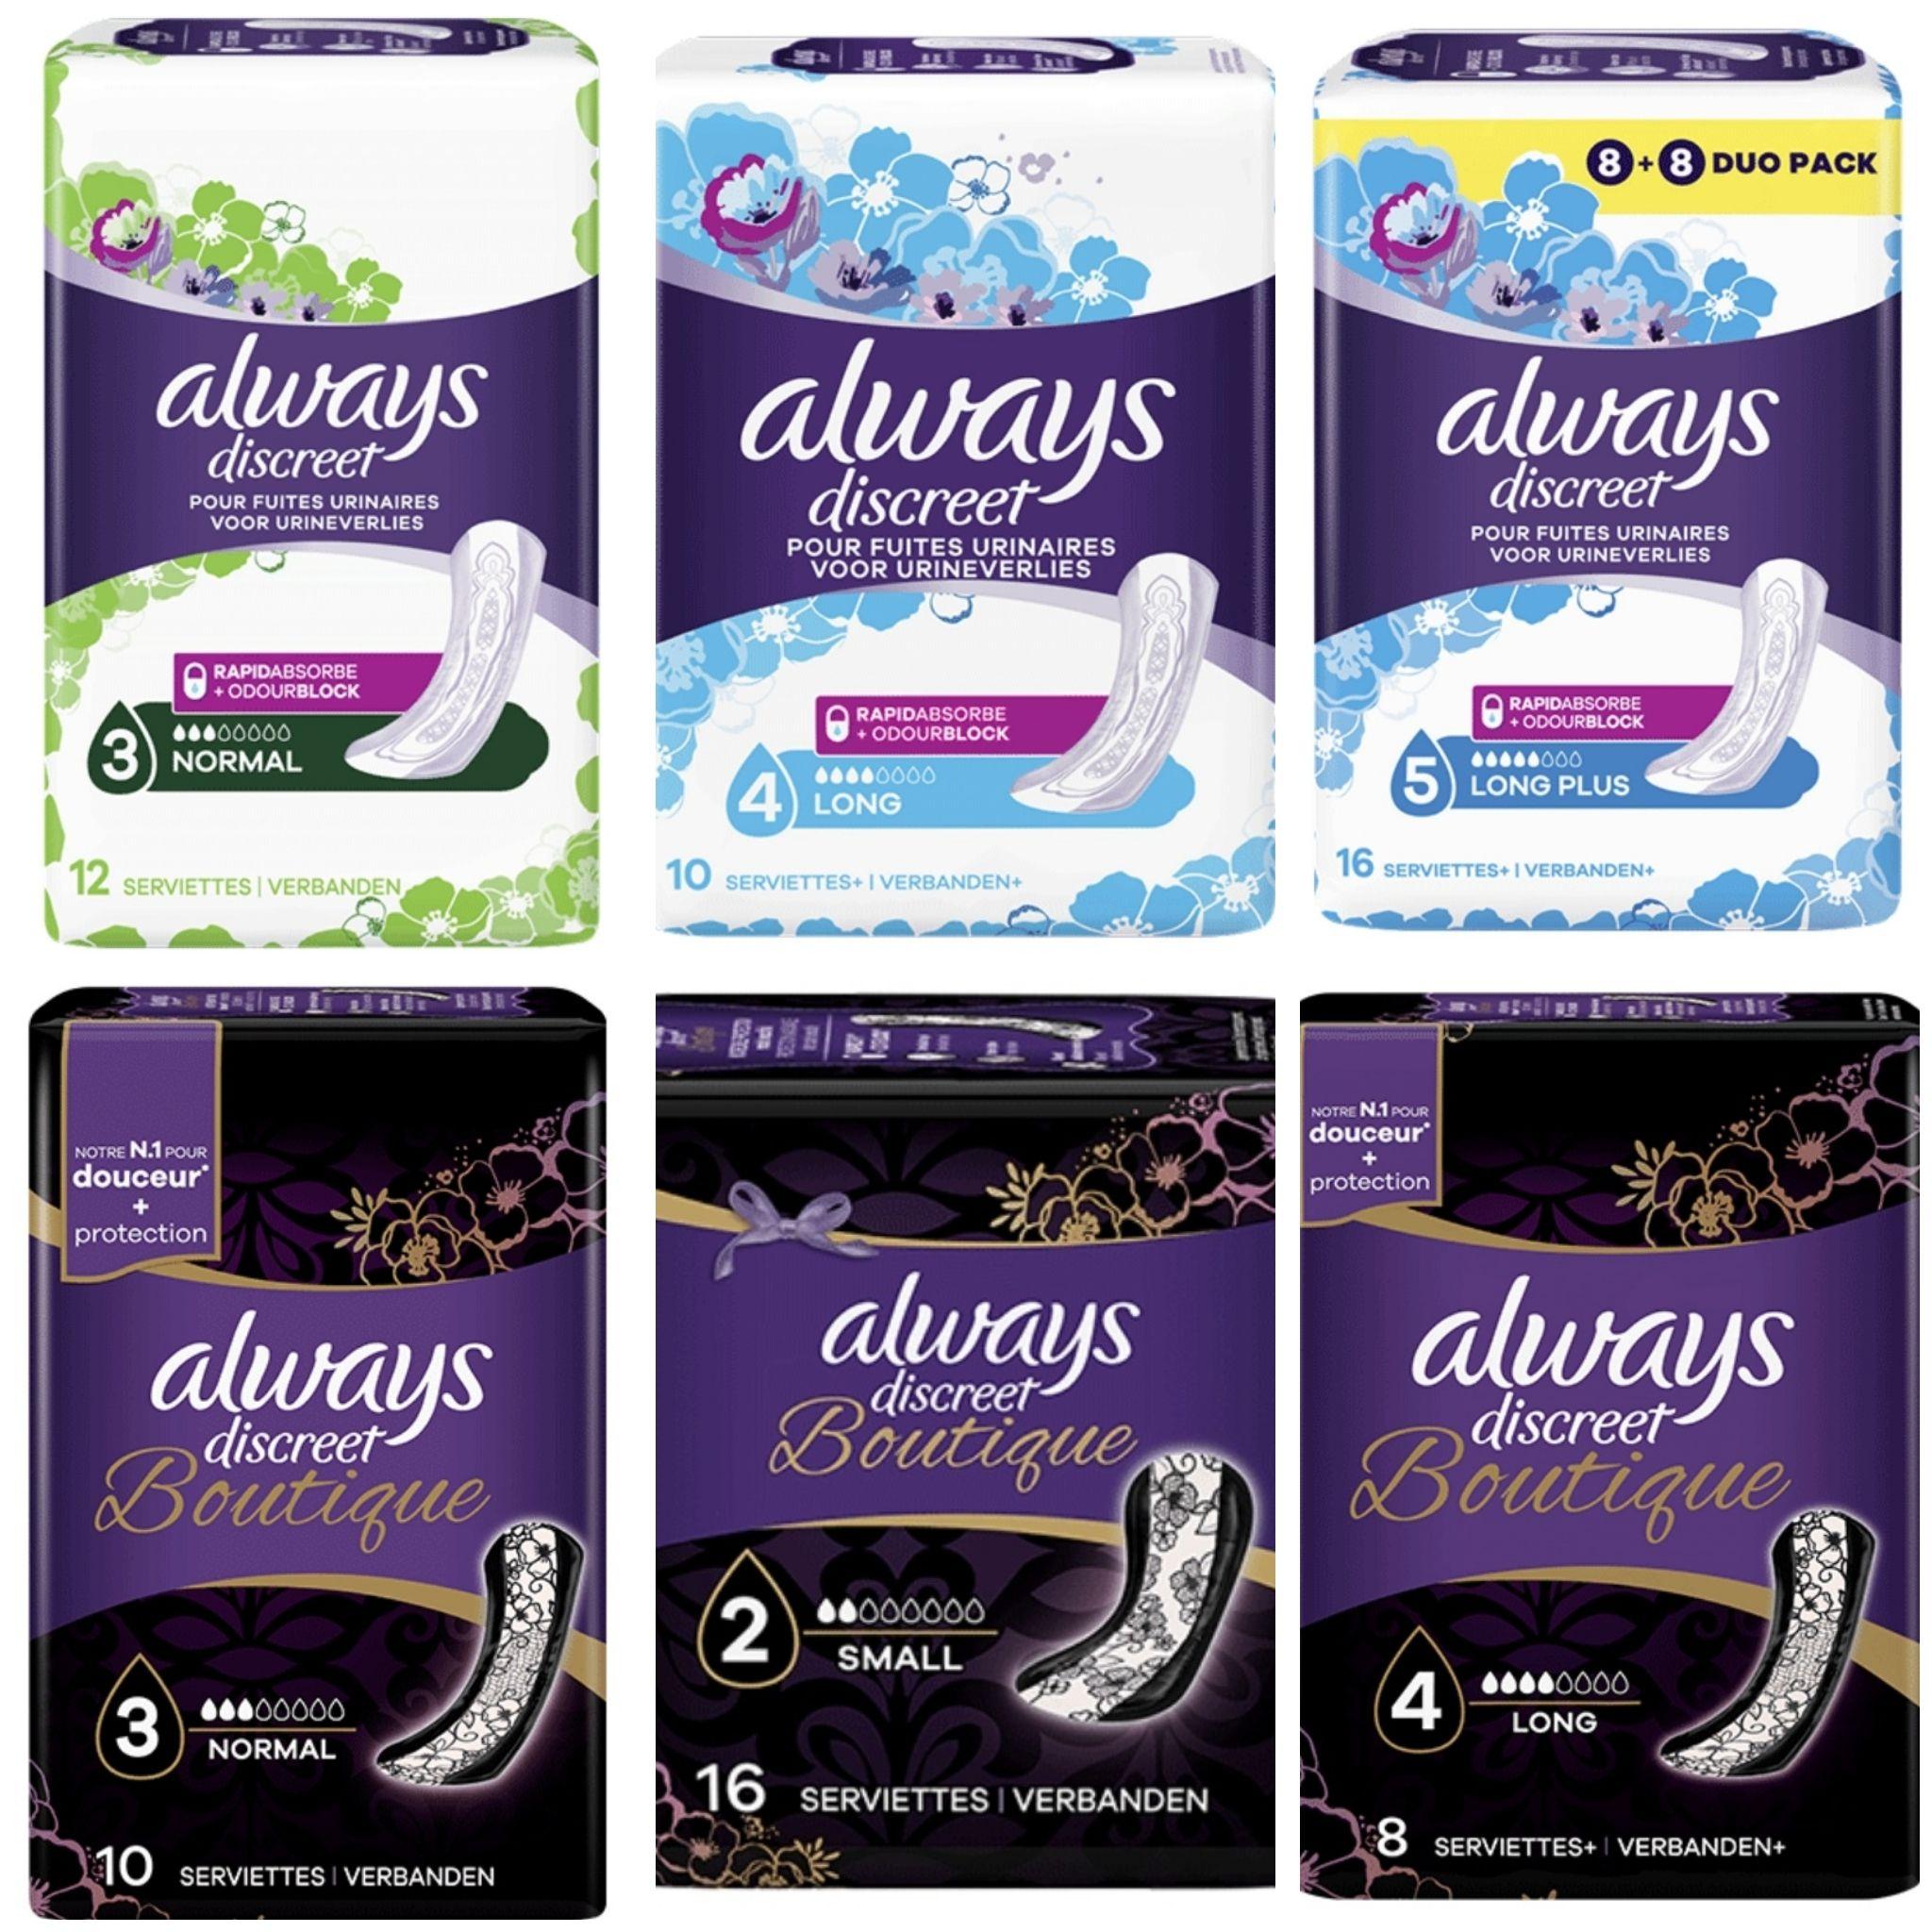 Lot de 2 paquets de serviettes incontinence Always Discreet - différents formats (via ODR + BDR)